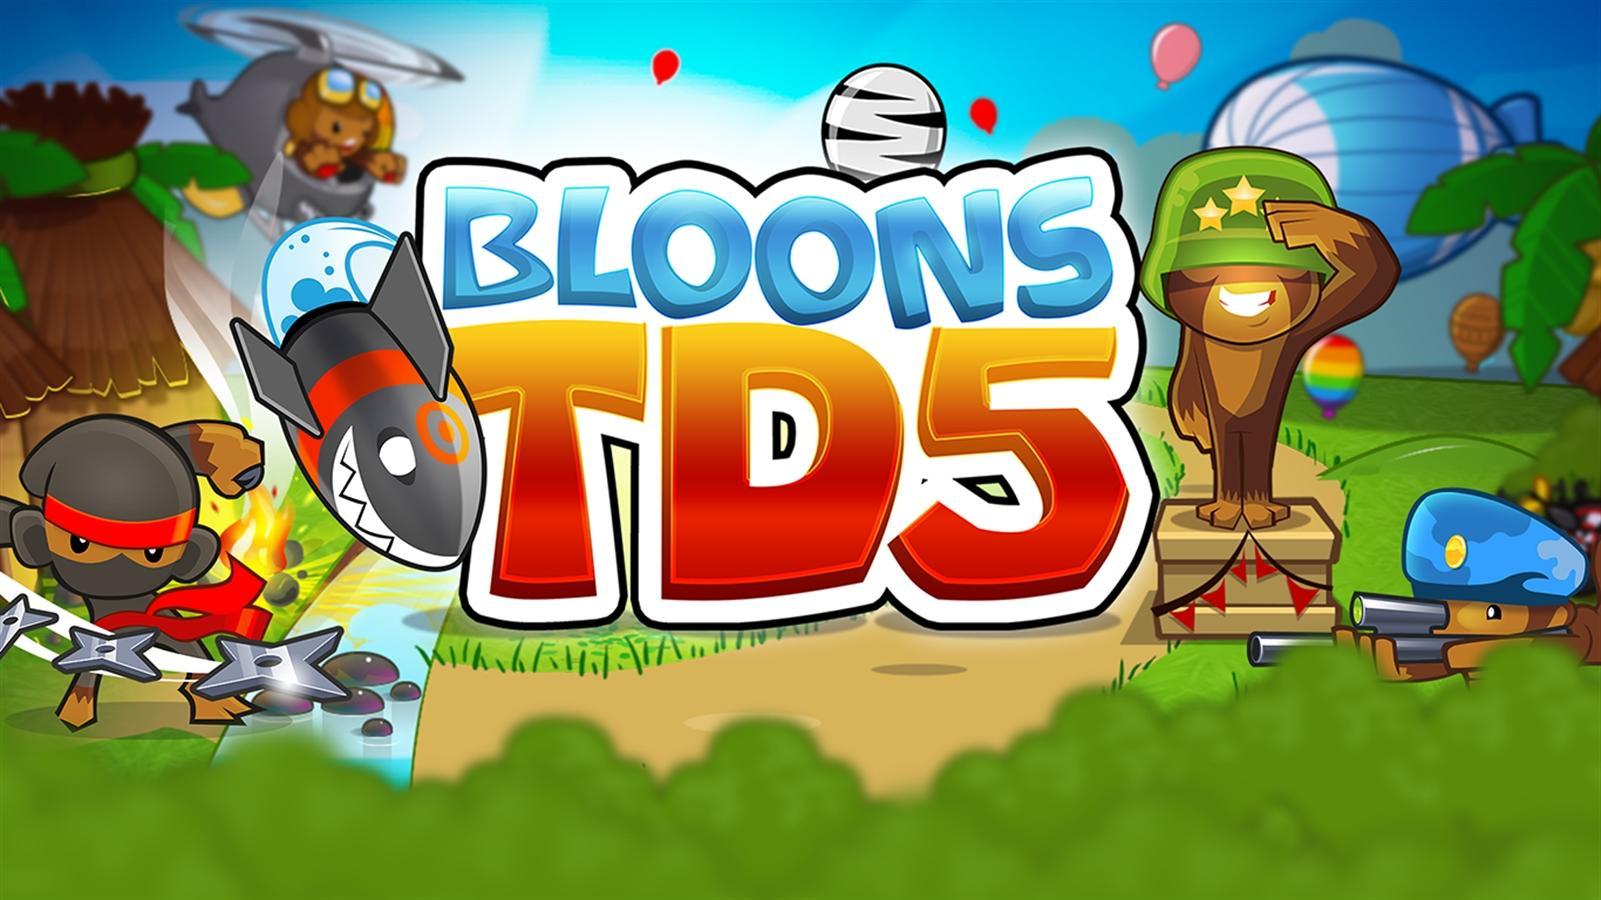 Bloons Td 5 Gratis